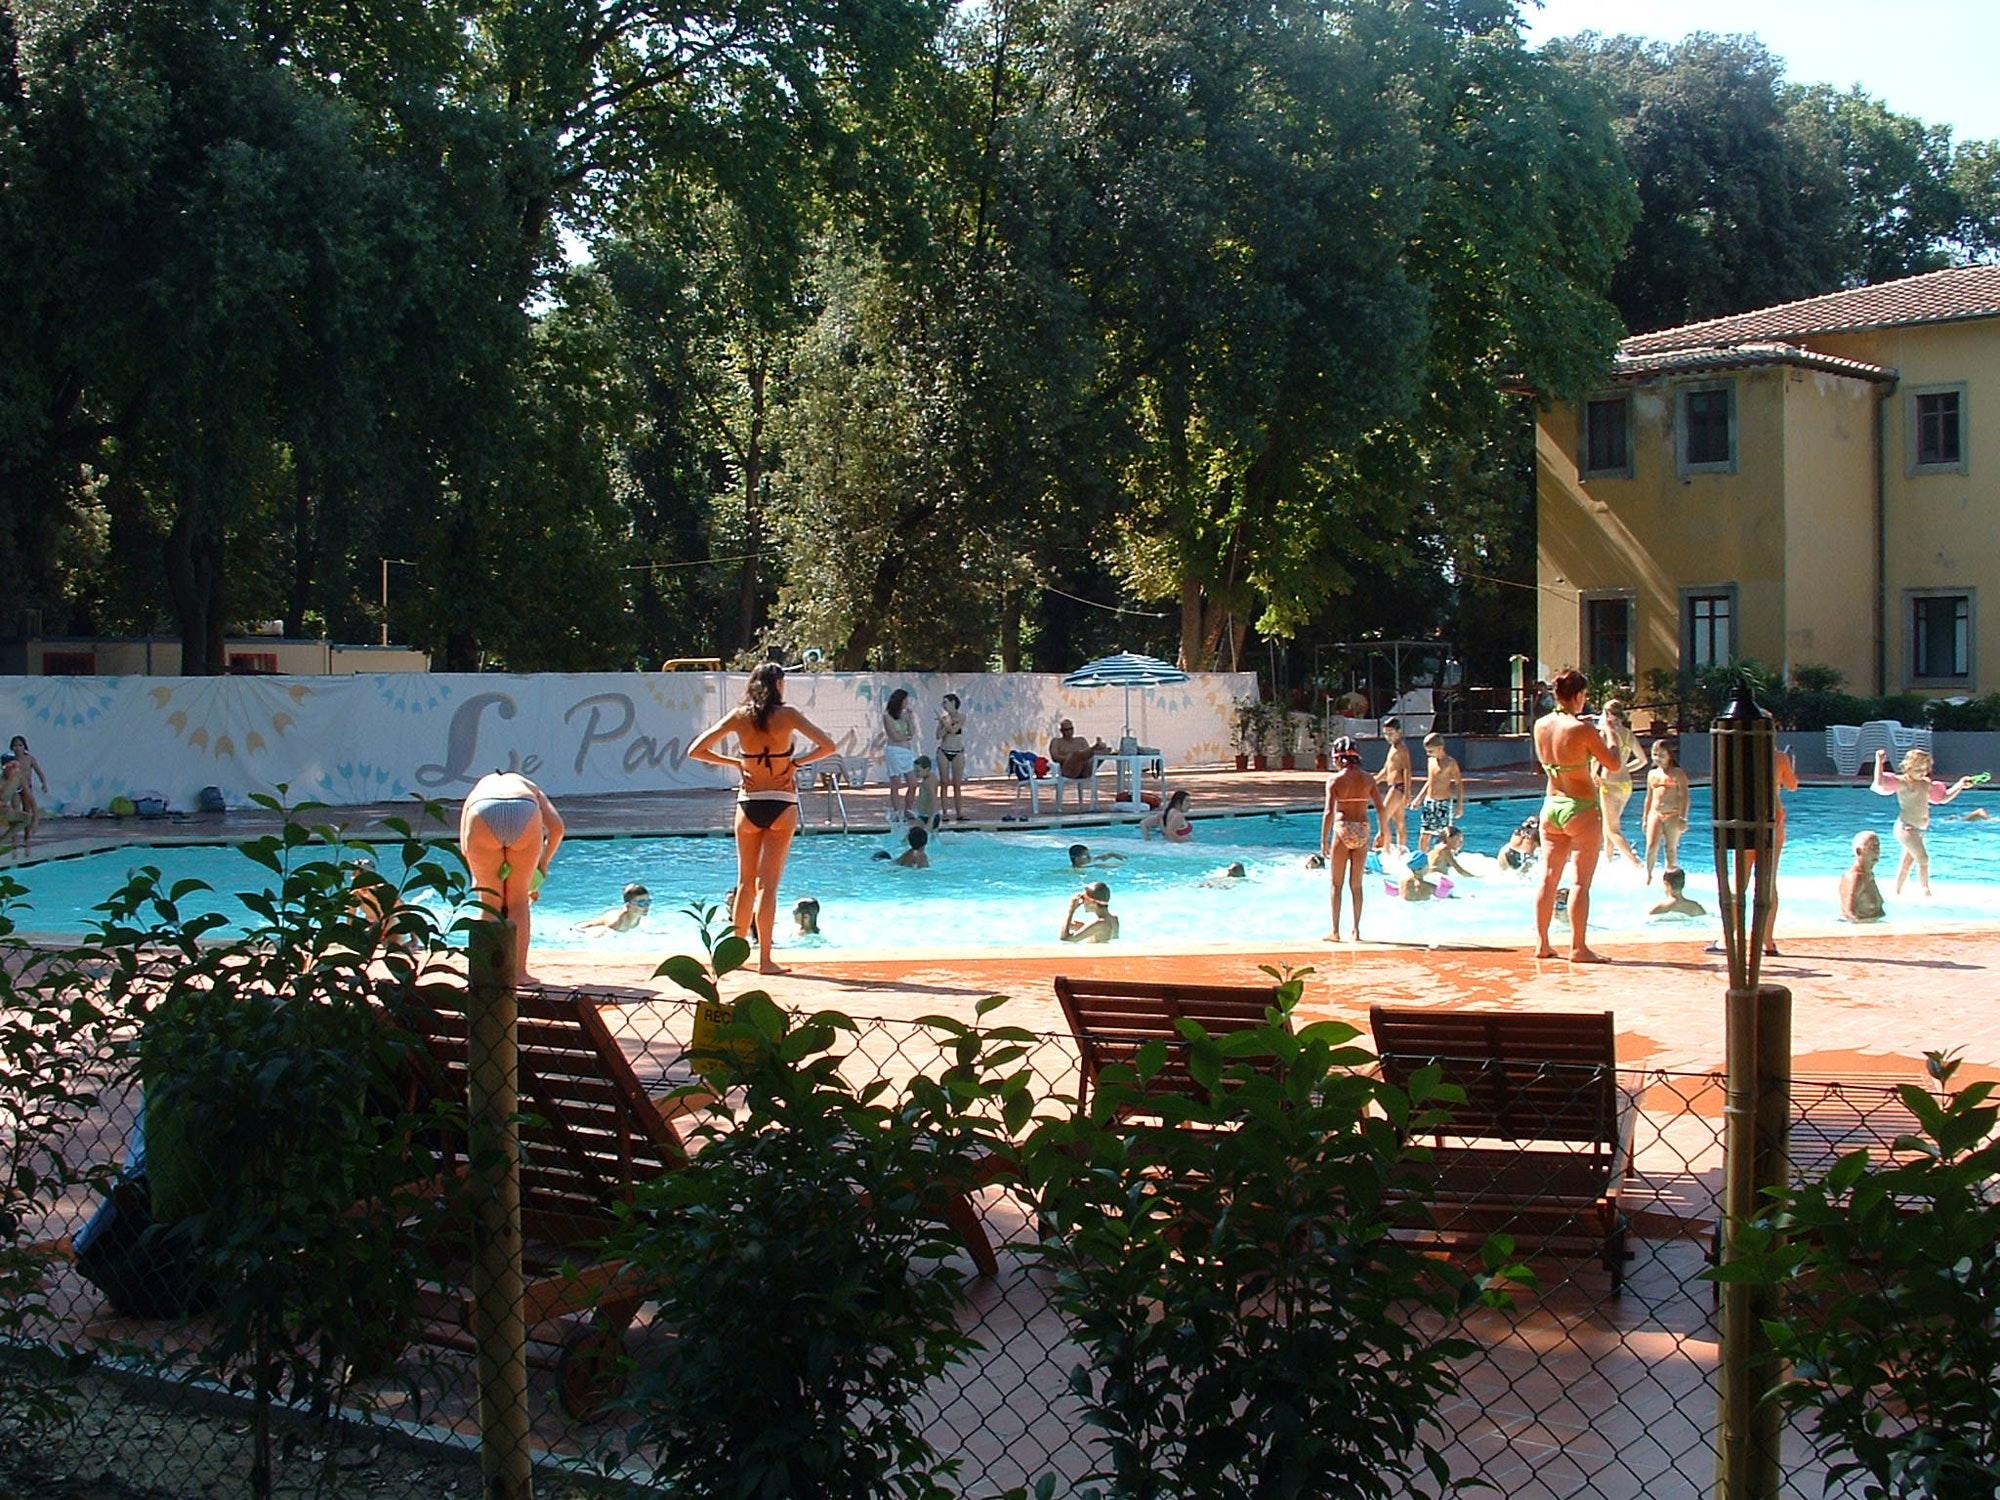 Finest piscine a firenzele migliori piscine estive aperte - Piscine termali abano aperte al pubblico ...